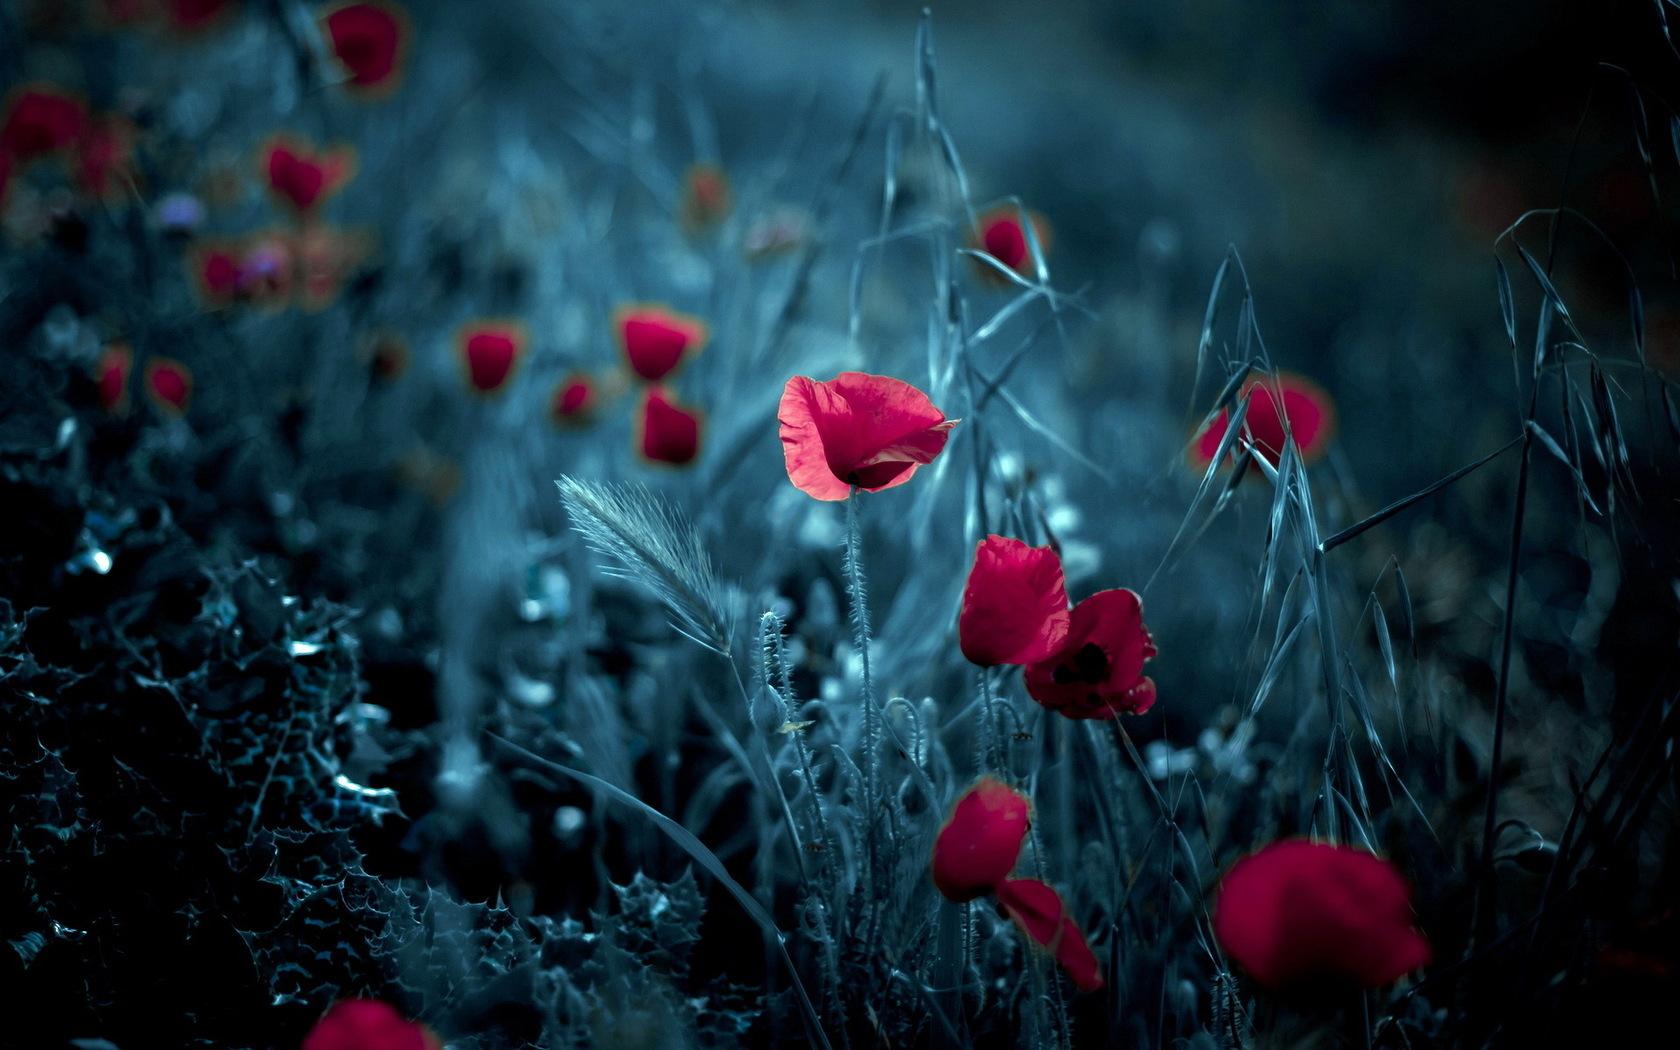 15407 скачать обои Растения, Цветы, Артфото, Маки - заставки и картинки бесплатно